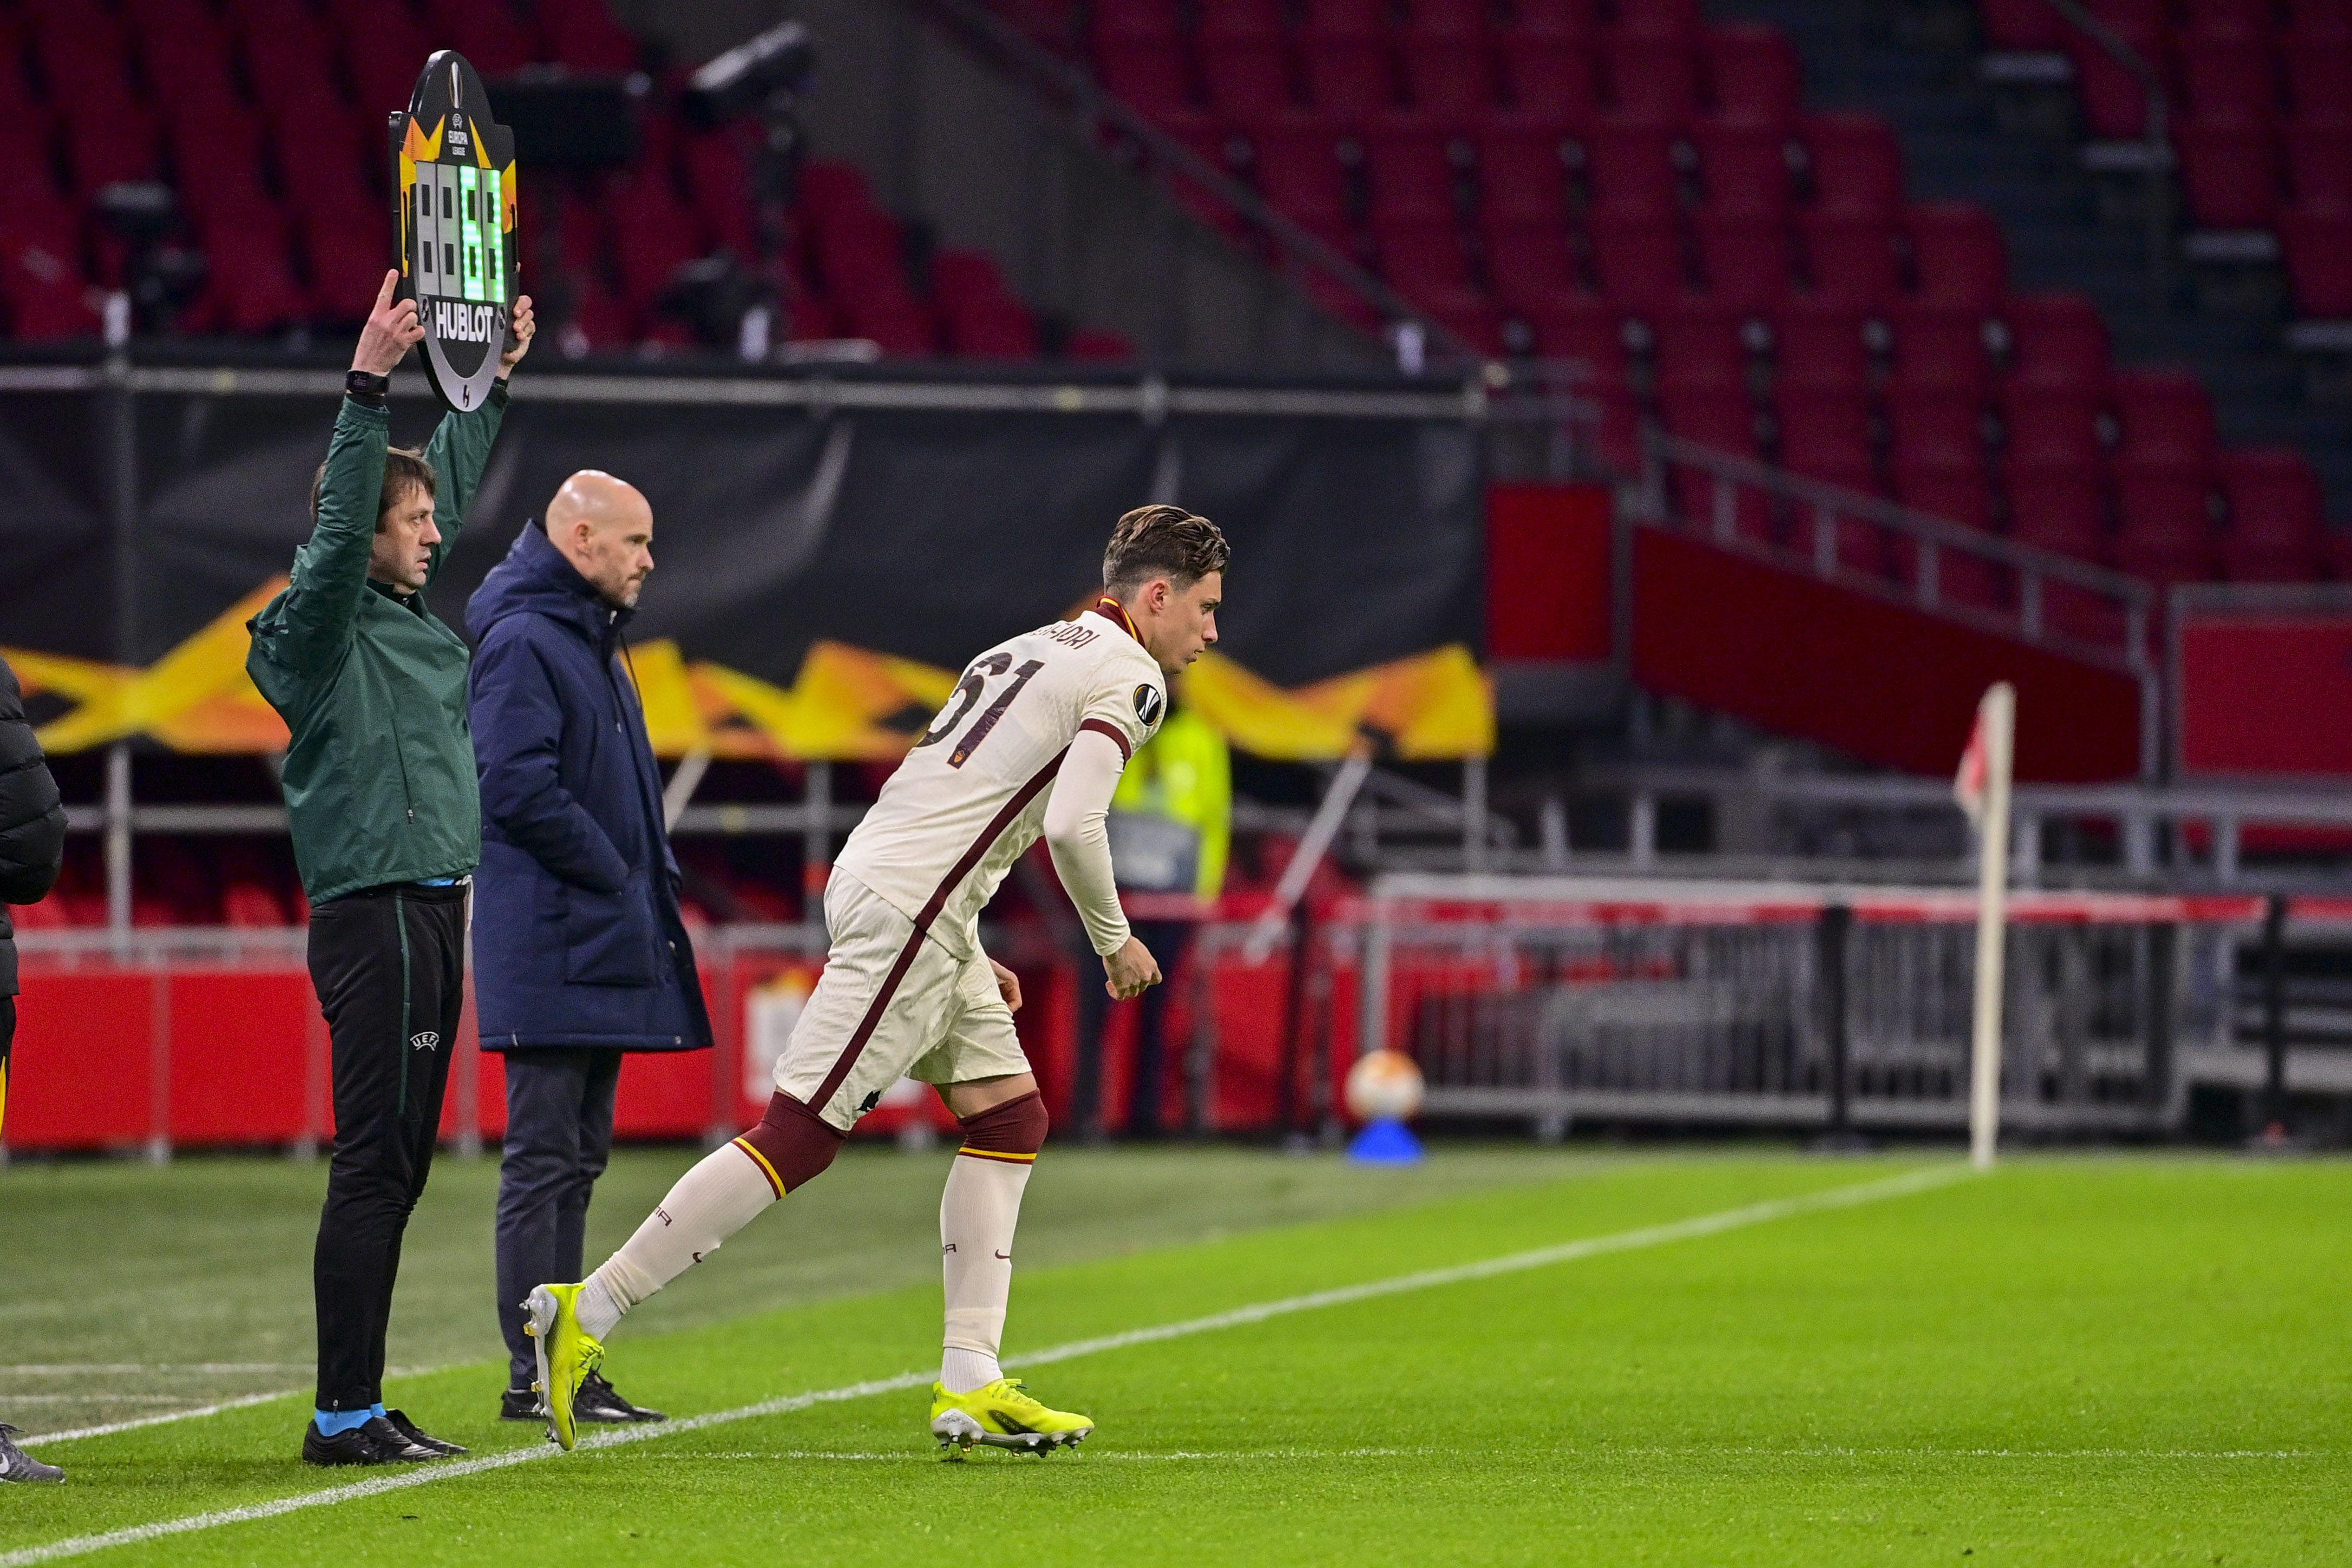 Защитник 'Ромы' забавно начал симулировать после того, как болбой попал в него мячом (ВИДЕО)